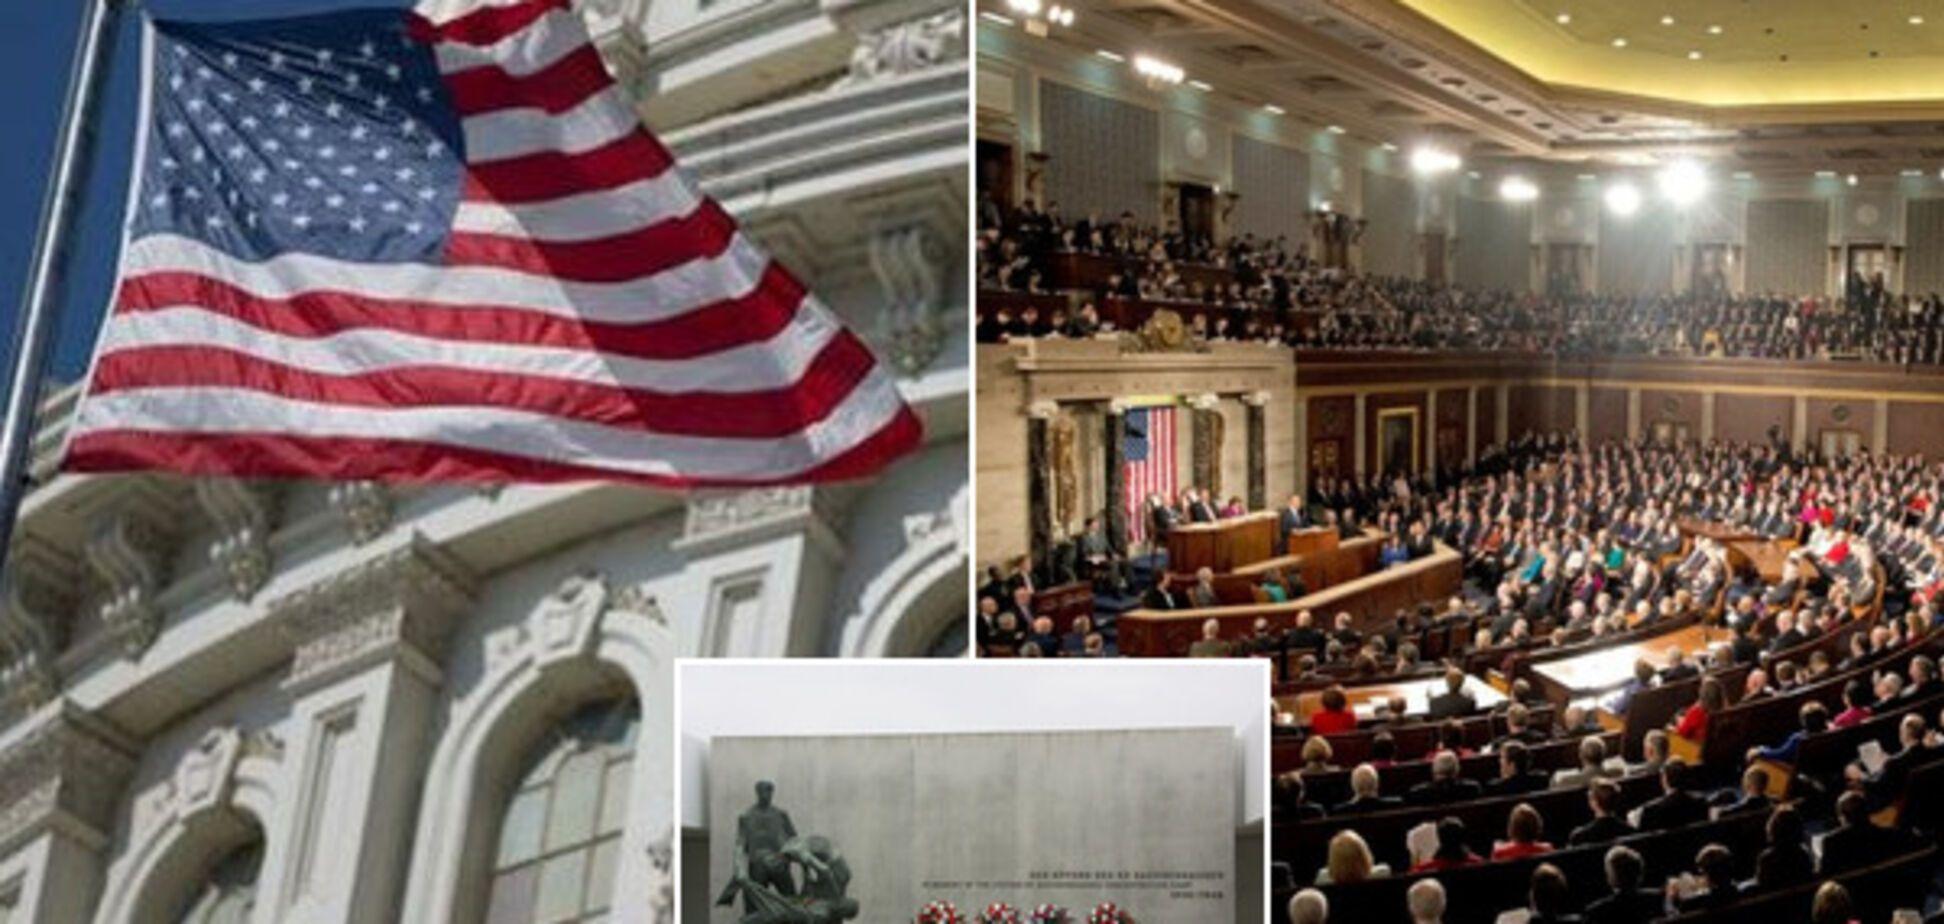 'Прославлення нацизму' в Україні: конгресменам США дохідливо пояснили, в чому вони не праві